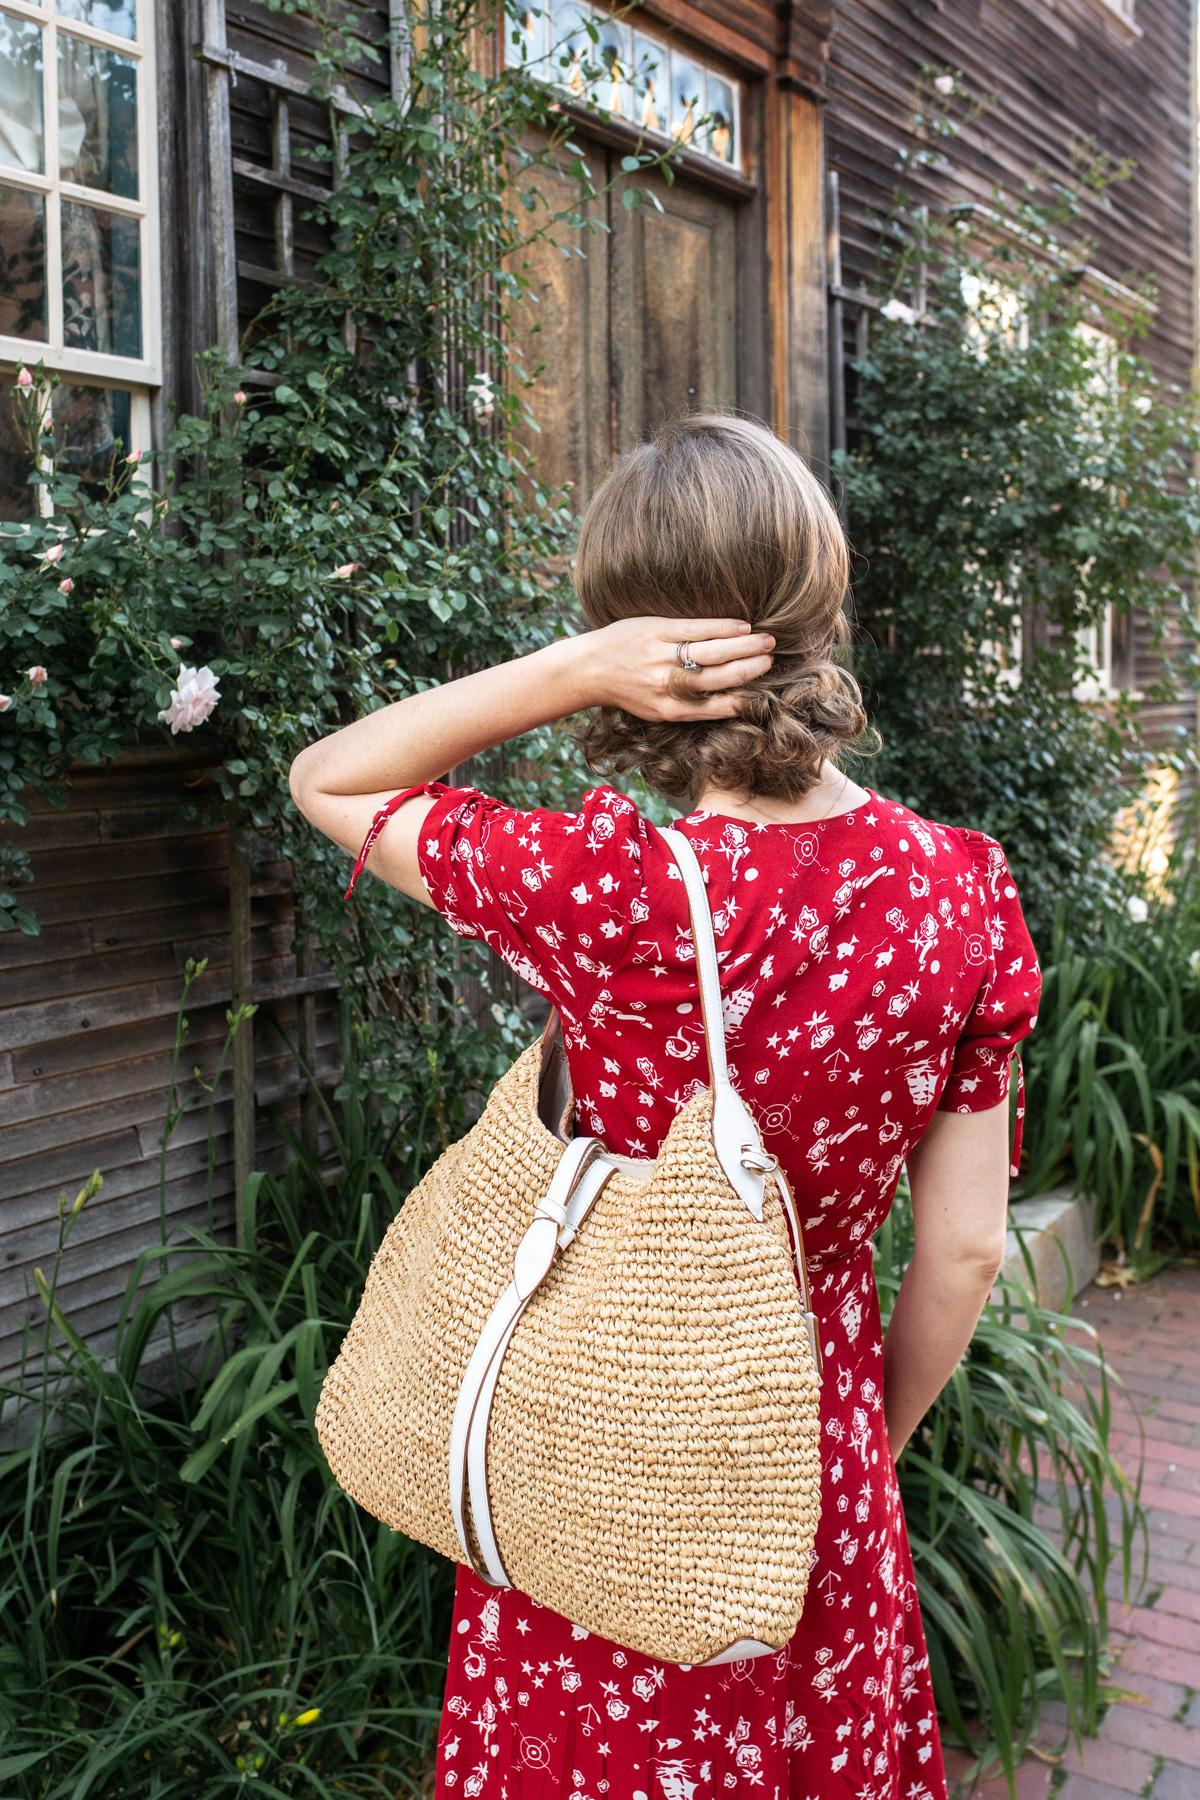 Stacie Flinner x Pamela Munson Bag-6.jpg